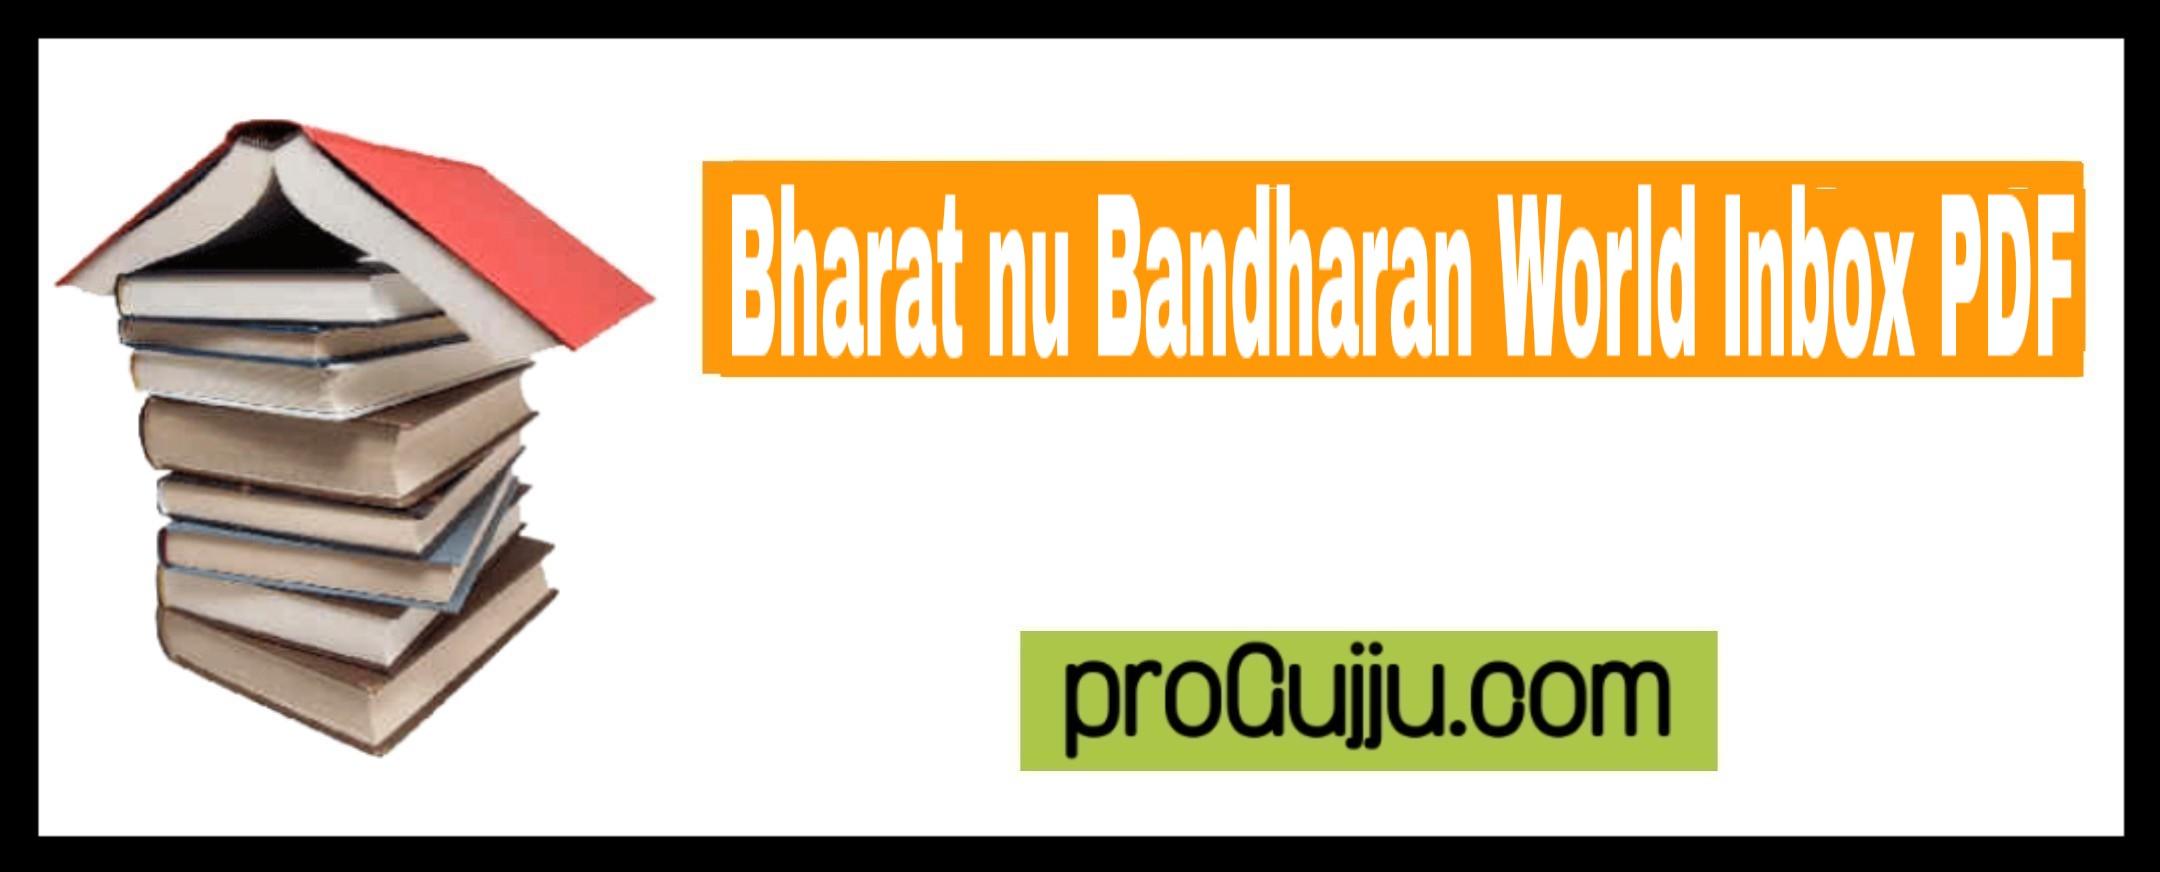 Bharat nu Bandharan World Inbox PDF